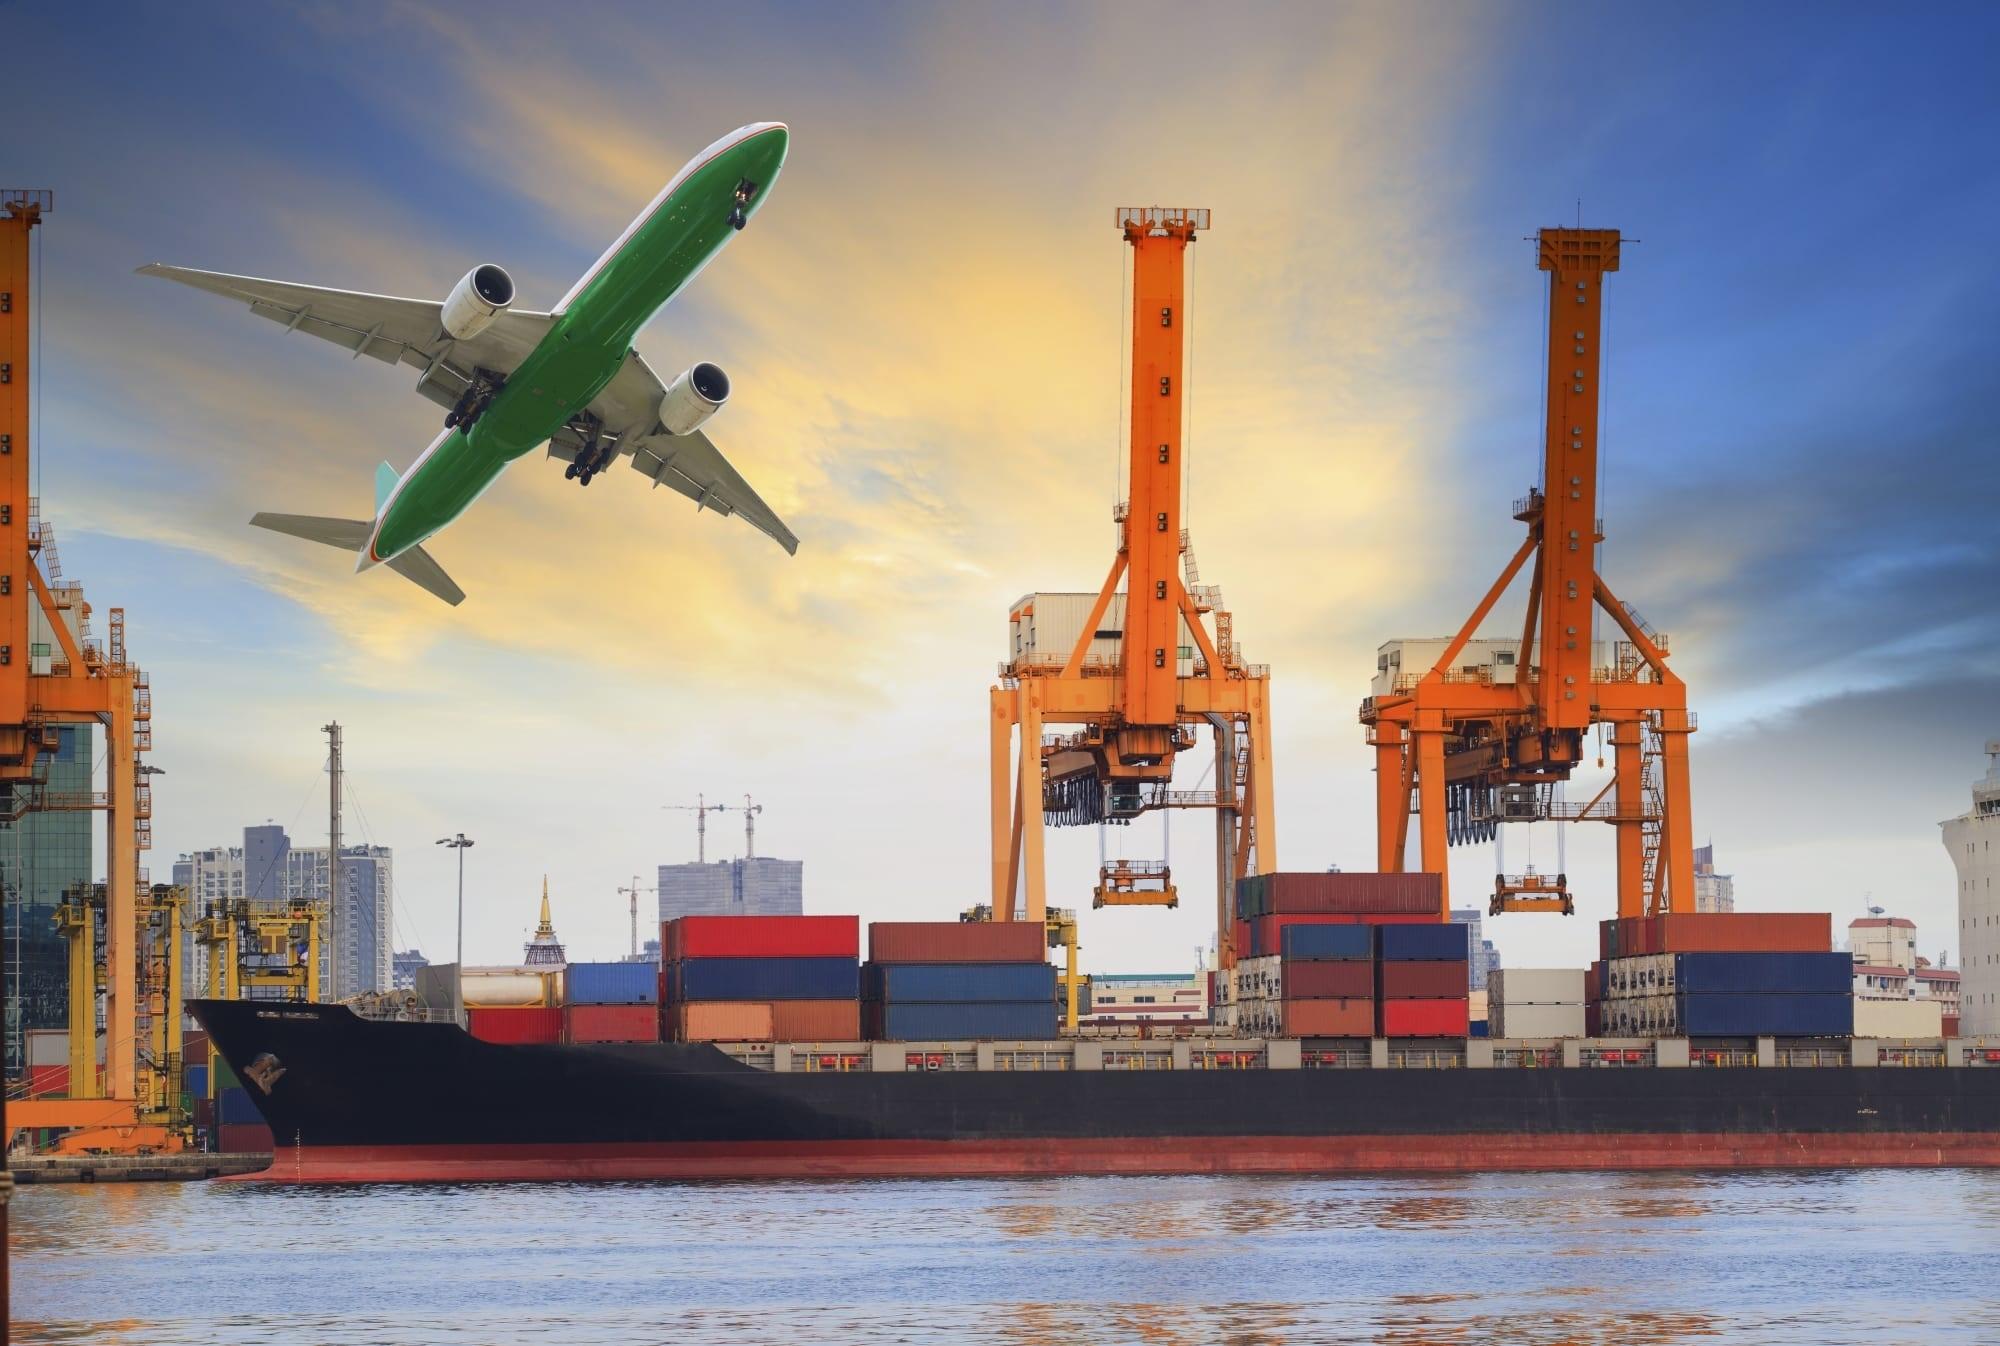 مشکلات حمل و نقل - Transportation